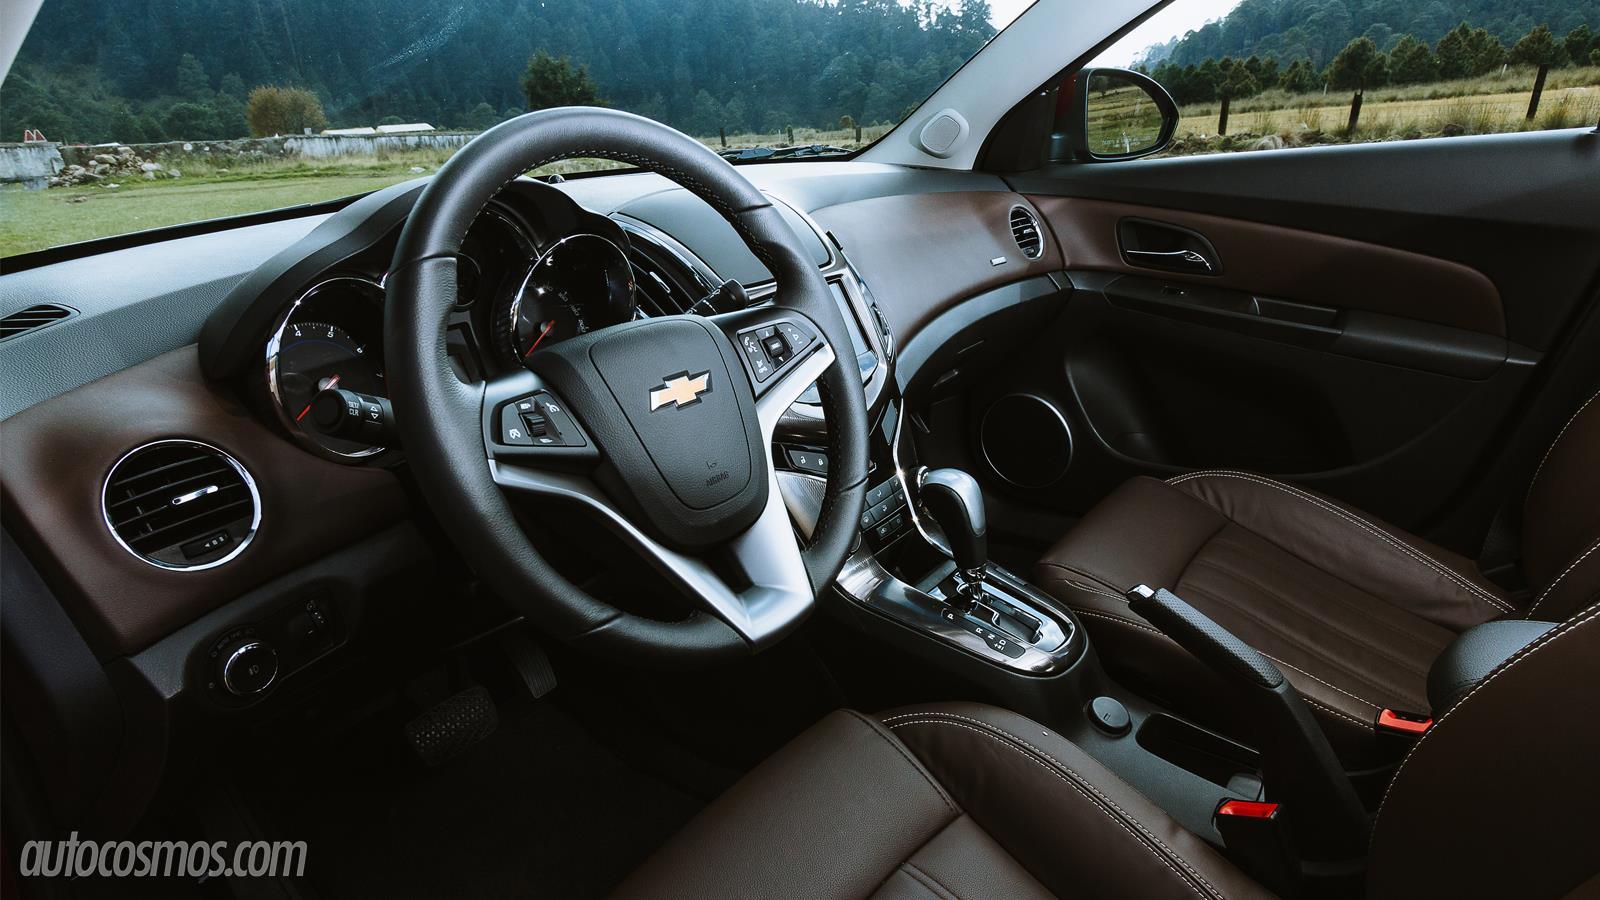 Chevrolet Cruze Turbo 2014 Llega A M 233 Xico Autocosmos Com